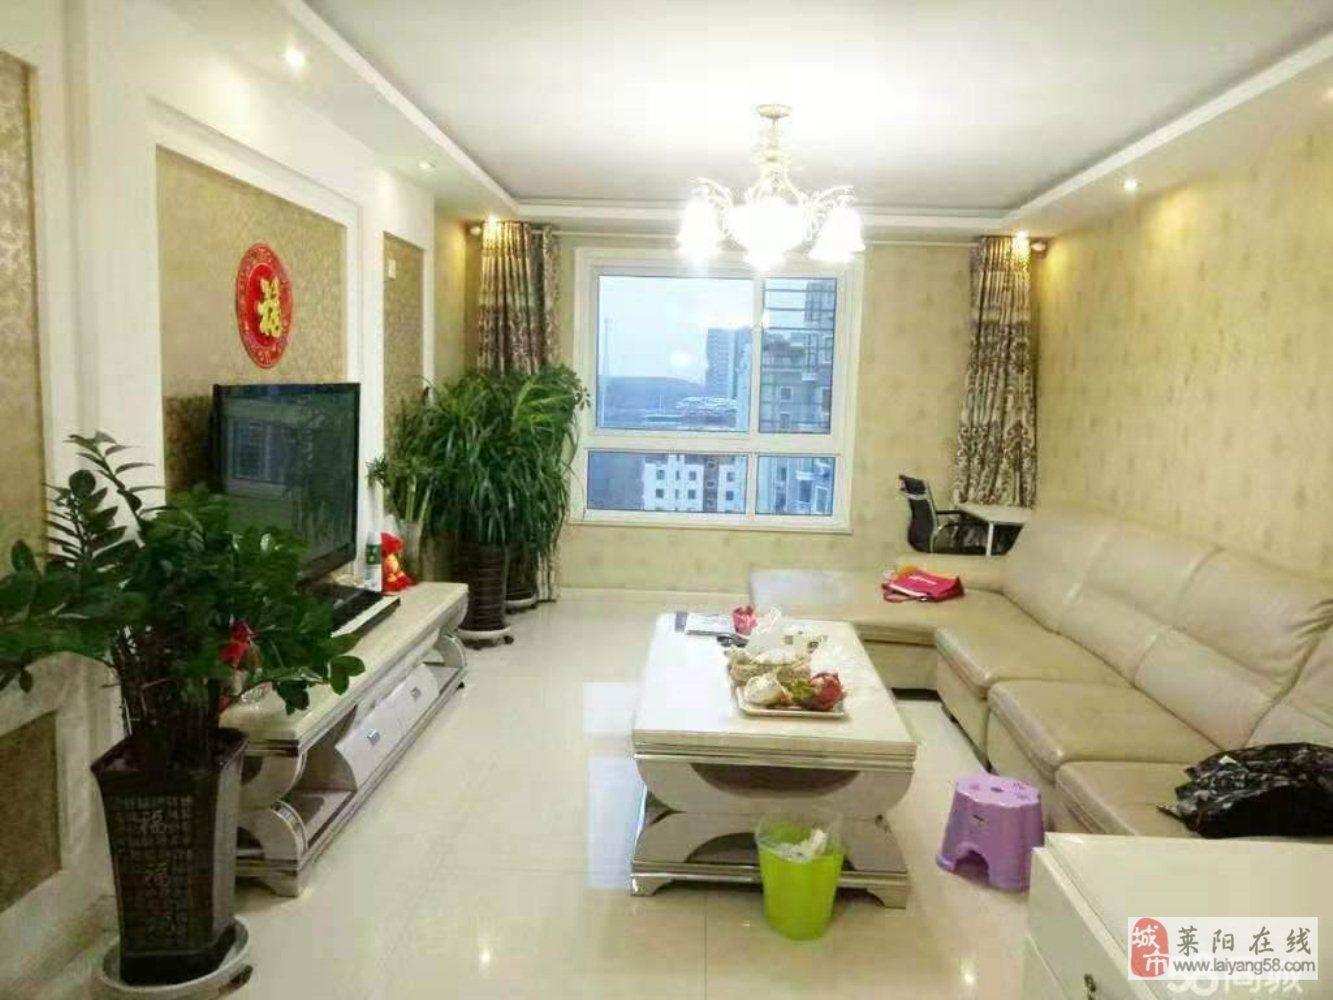 文峰片阳光城133平带小房车位119.8万元